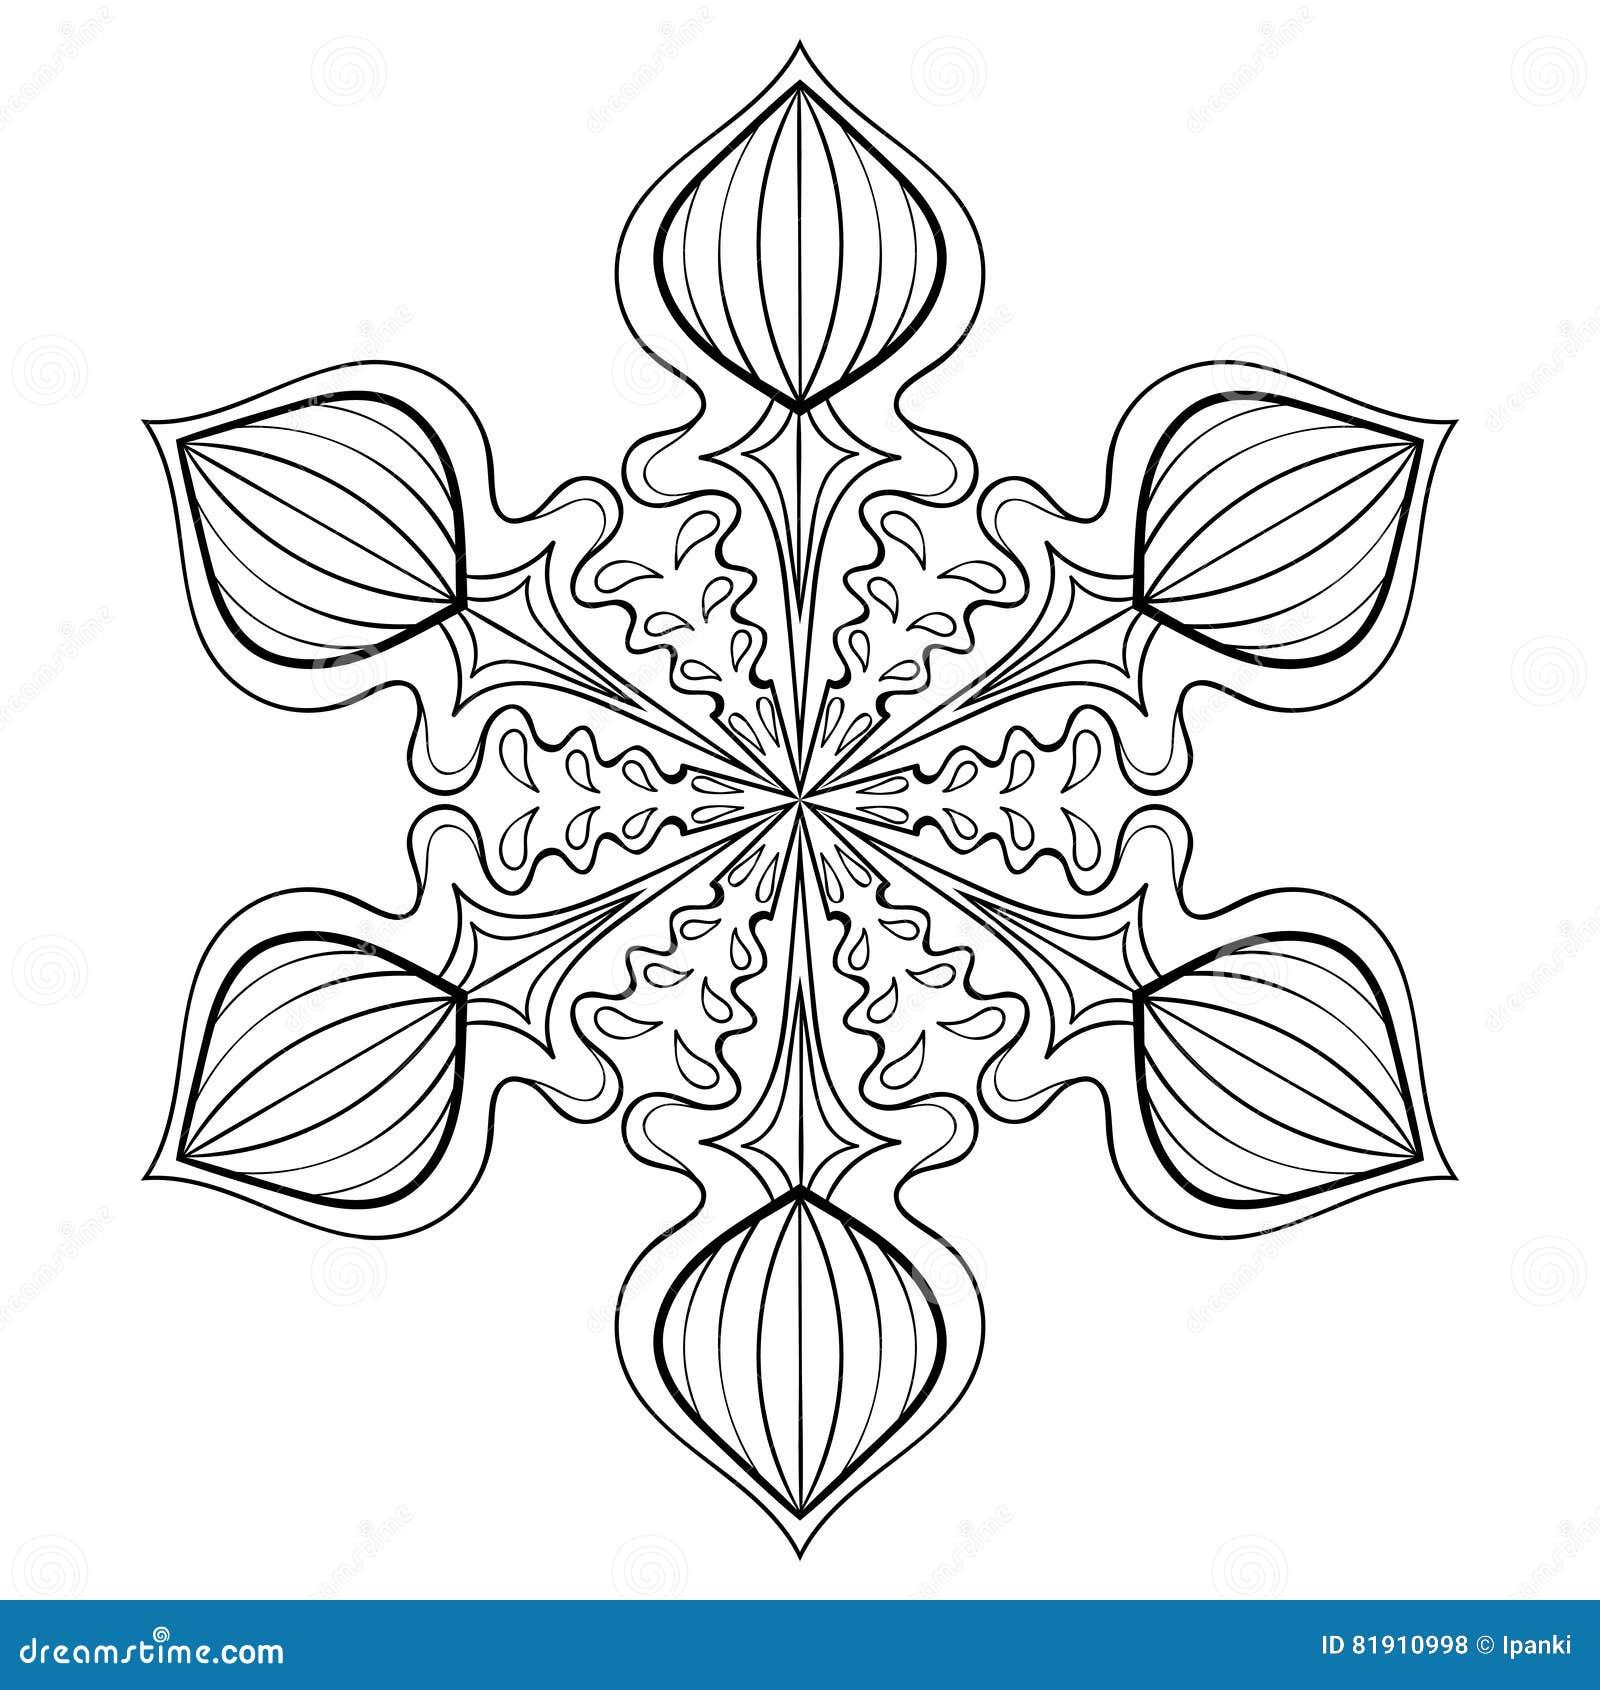 Wektorowy śnieżny płatek w zentangle stylu, doodle mandala dla dorosłego c